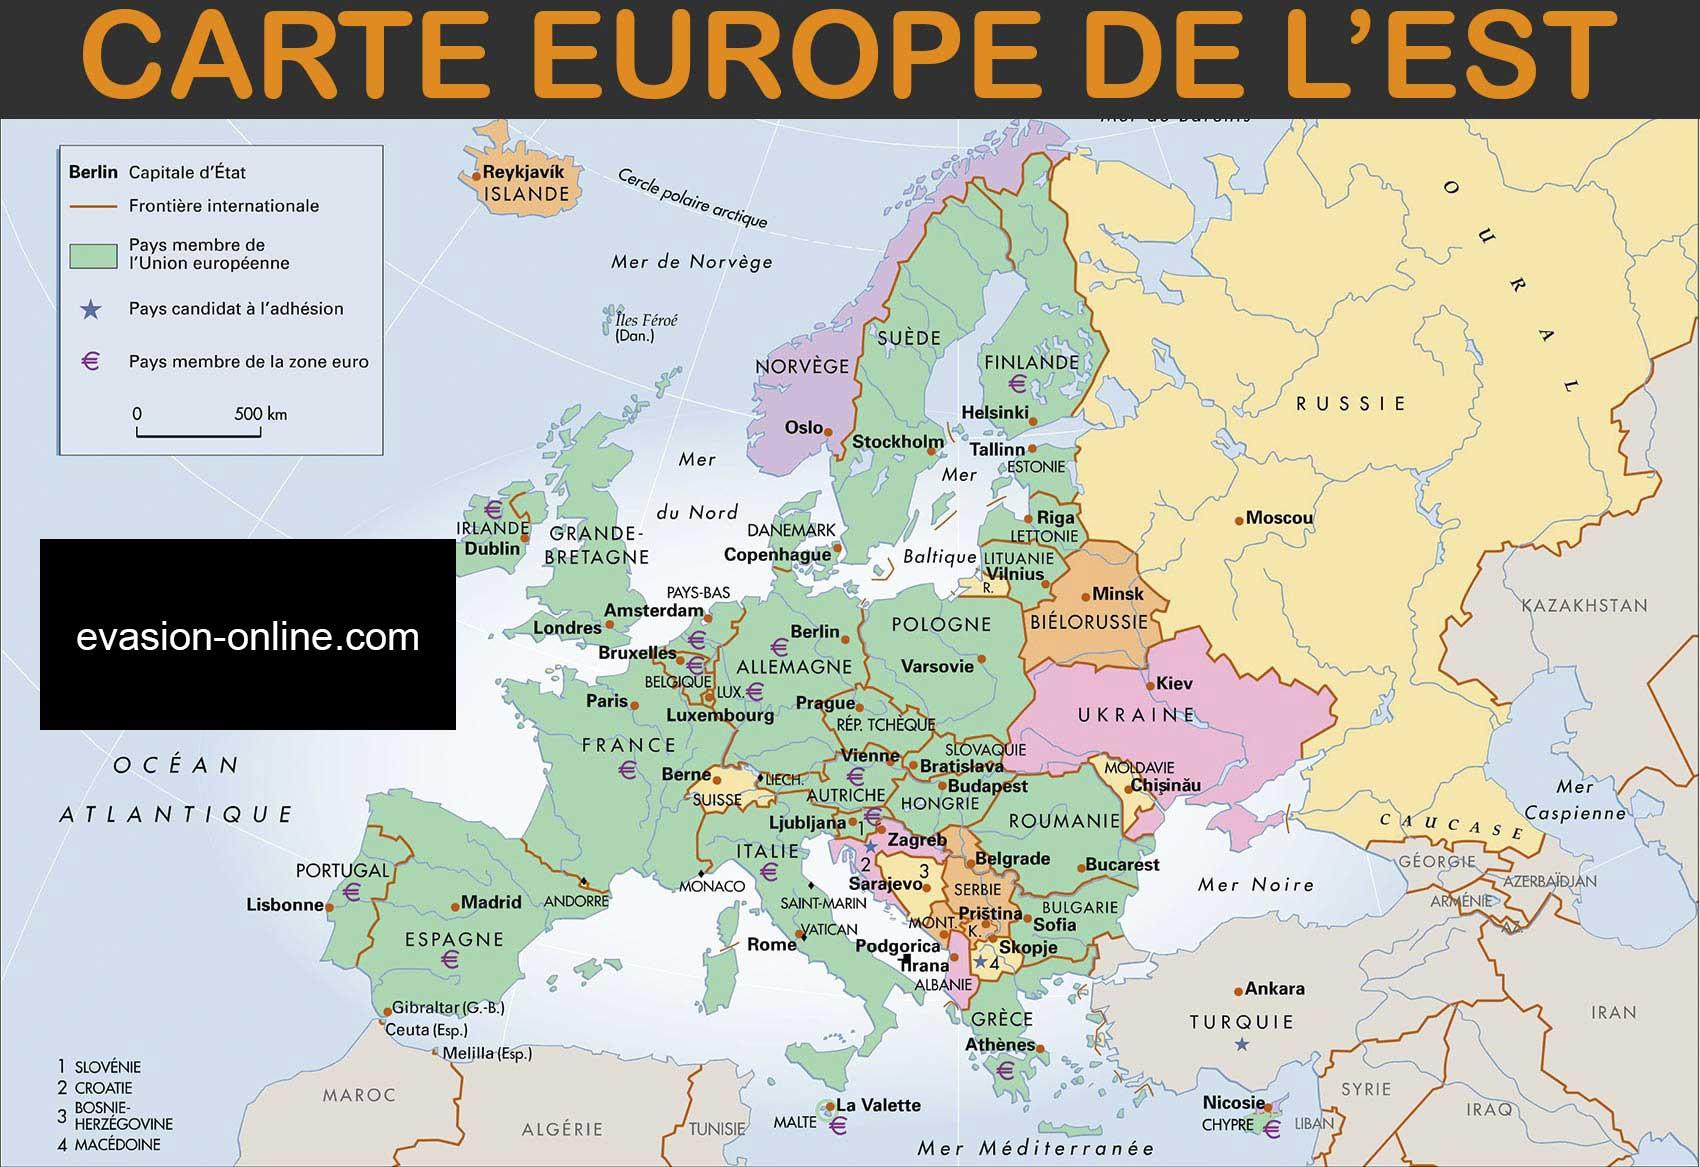 Carte Europe De L'est - Images » Vacances - Arts- Guides Voyages avec Carte Europe Avec Capitales